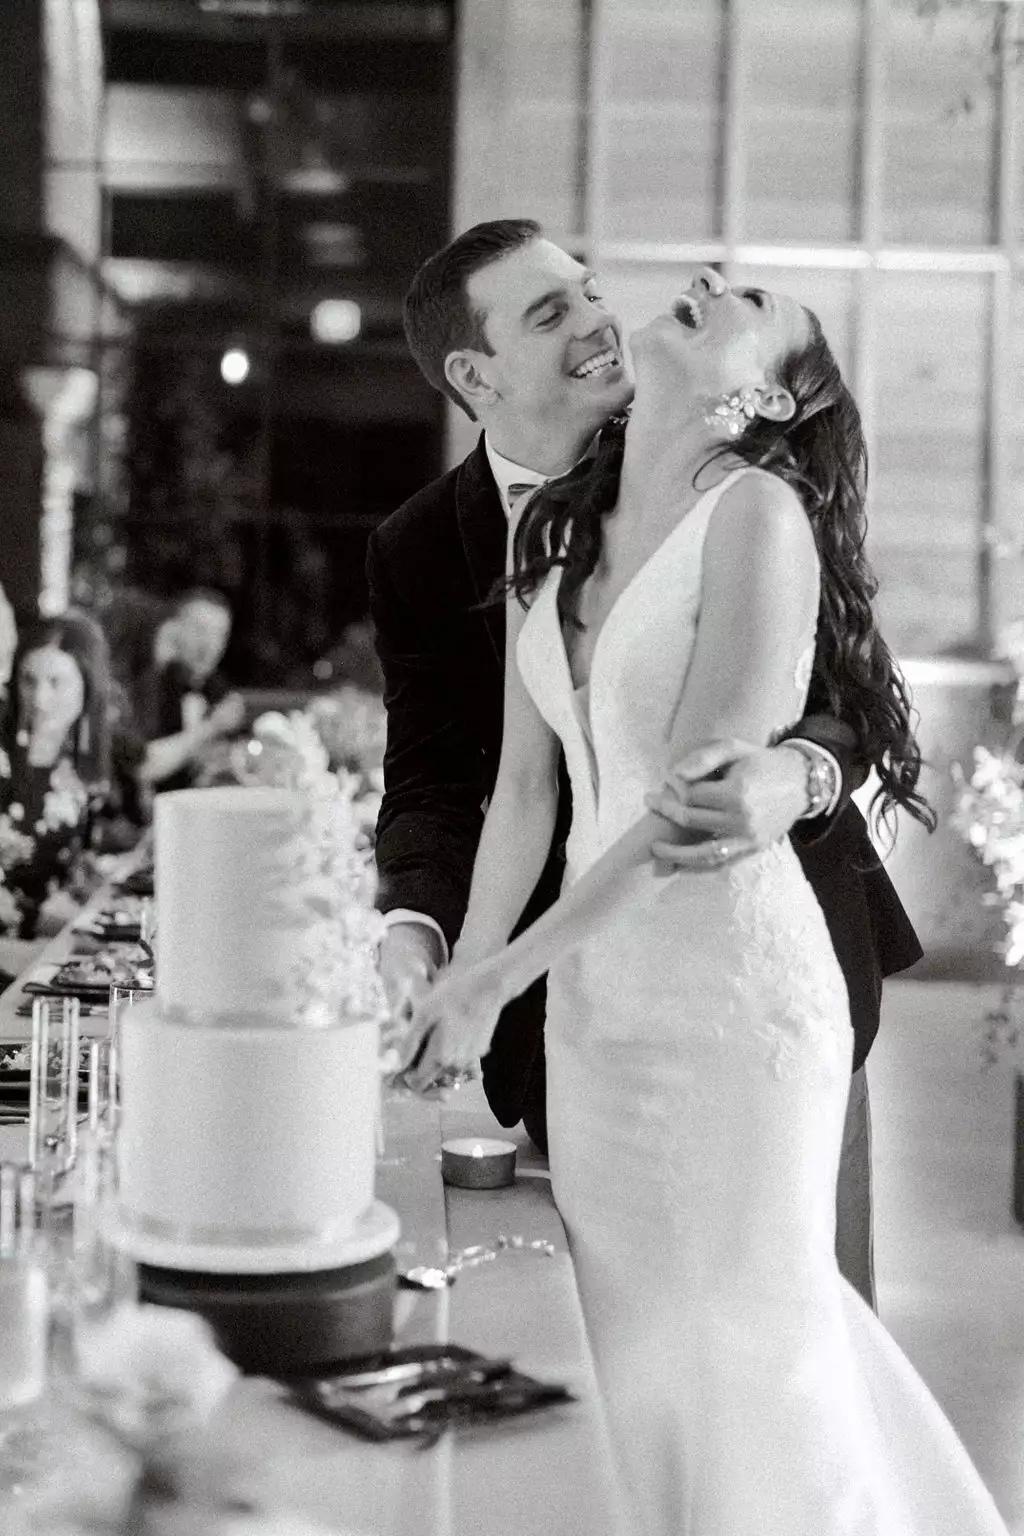 sy9SD2kFRq4 - Как найти веселого ведущего на свою свадьбу